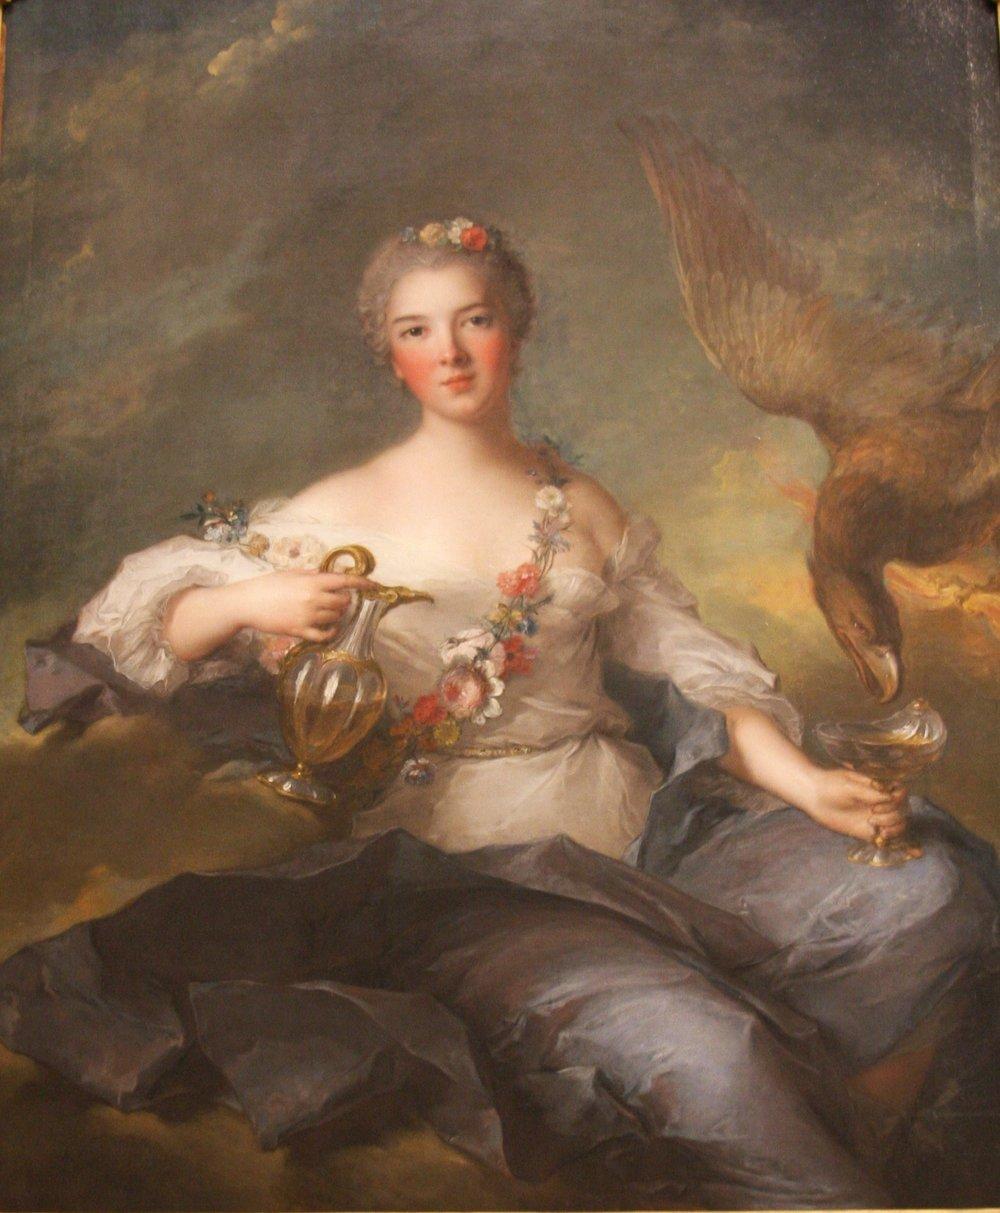 Hertiginnan_av_Chartres_(1726–1759)_som_Hebe_by_Jean-Marc_Nattier.jpg